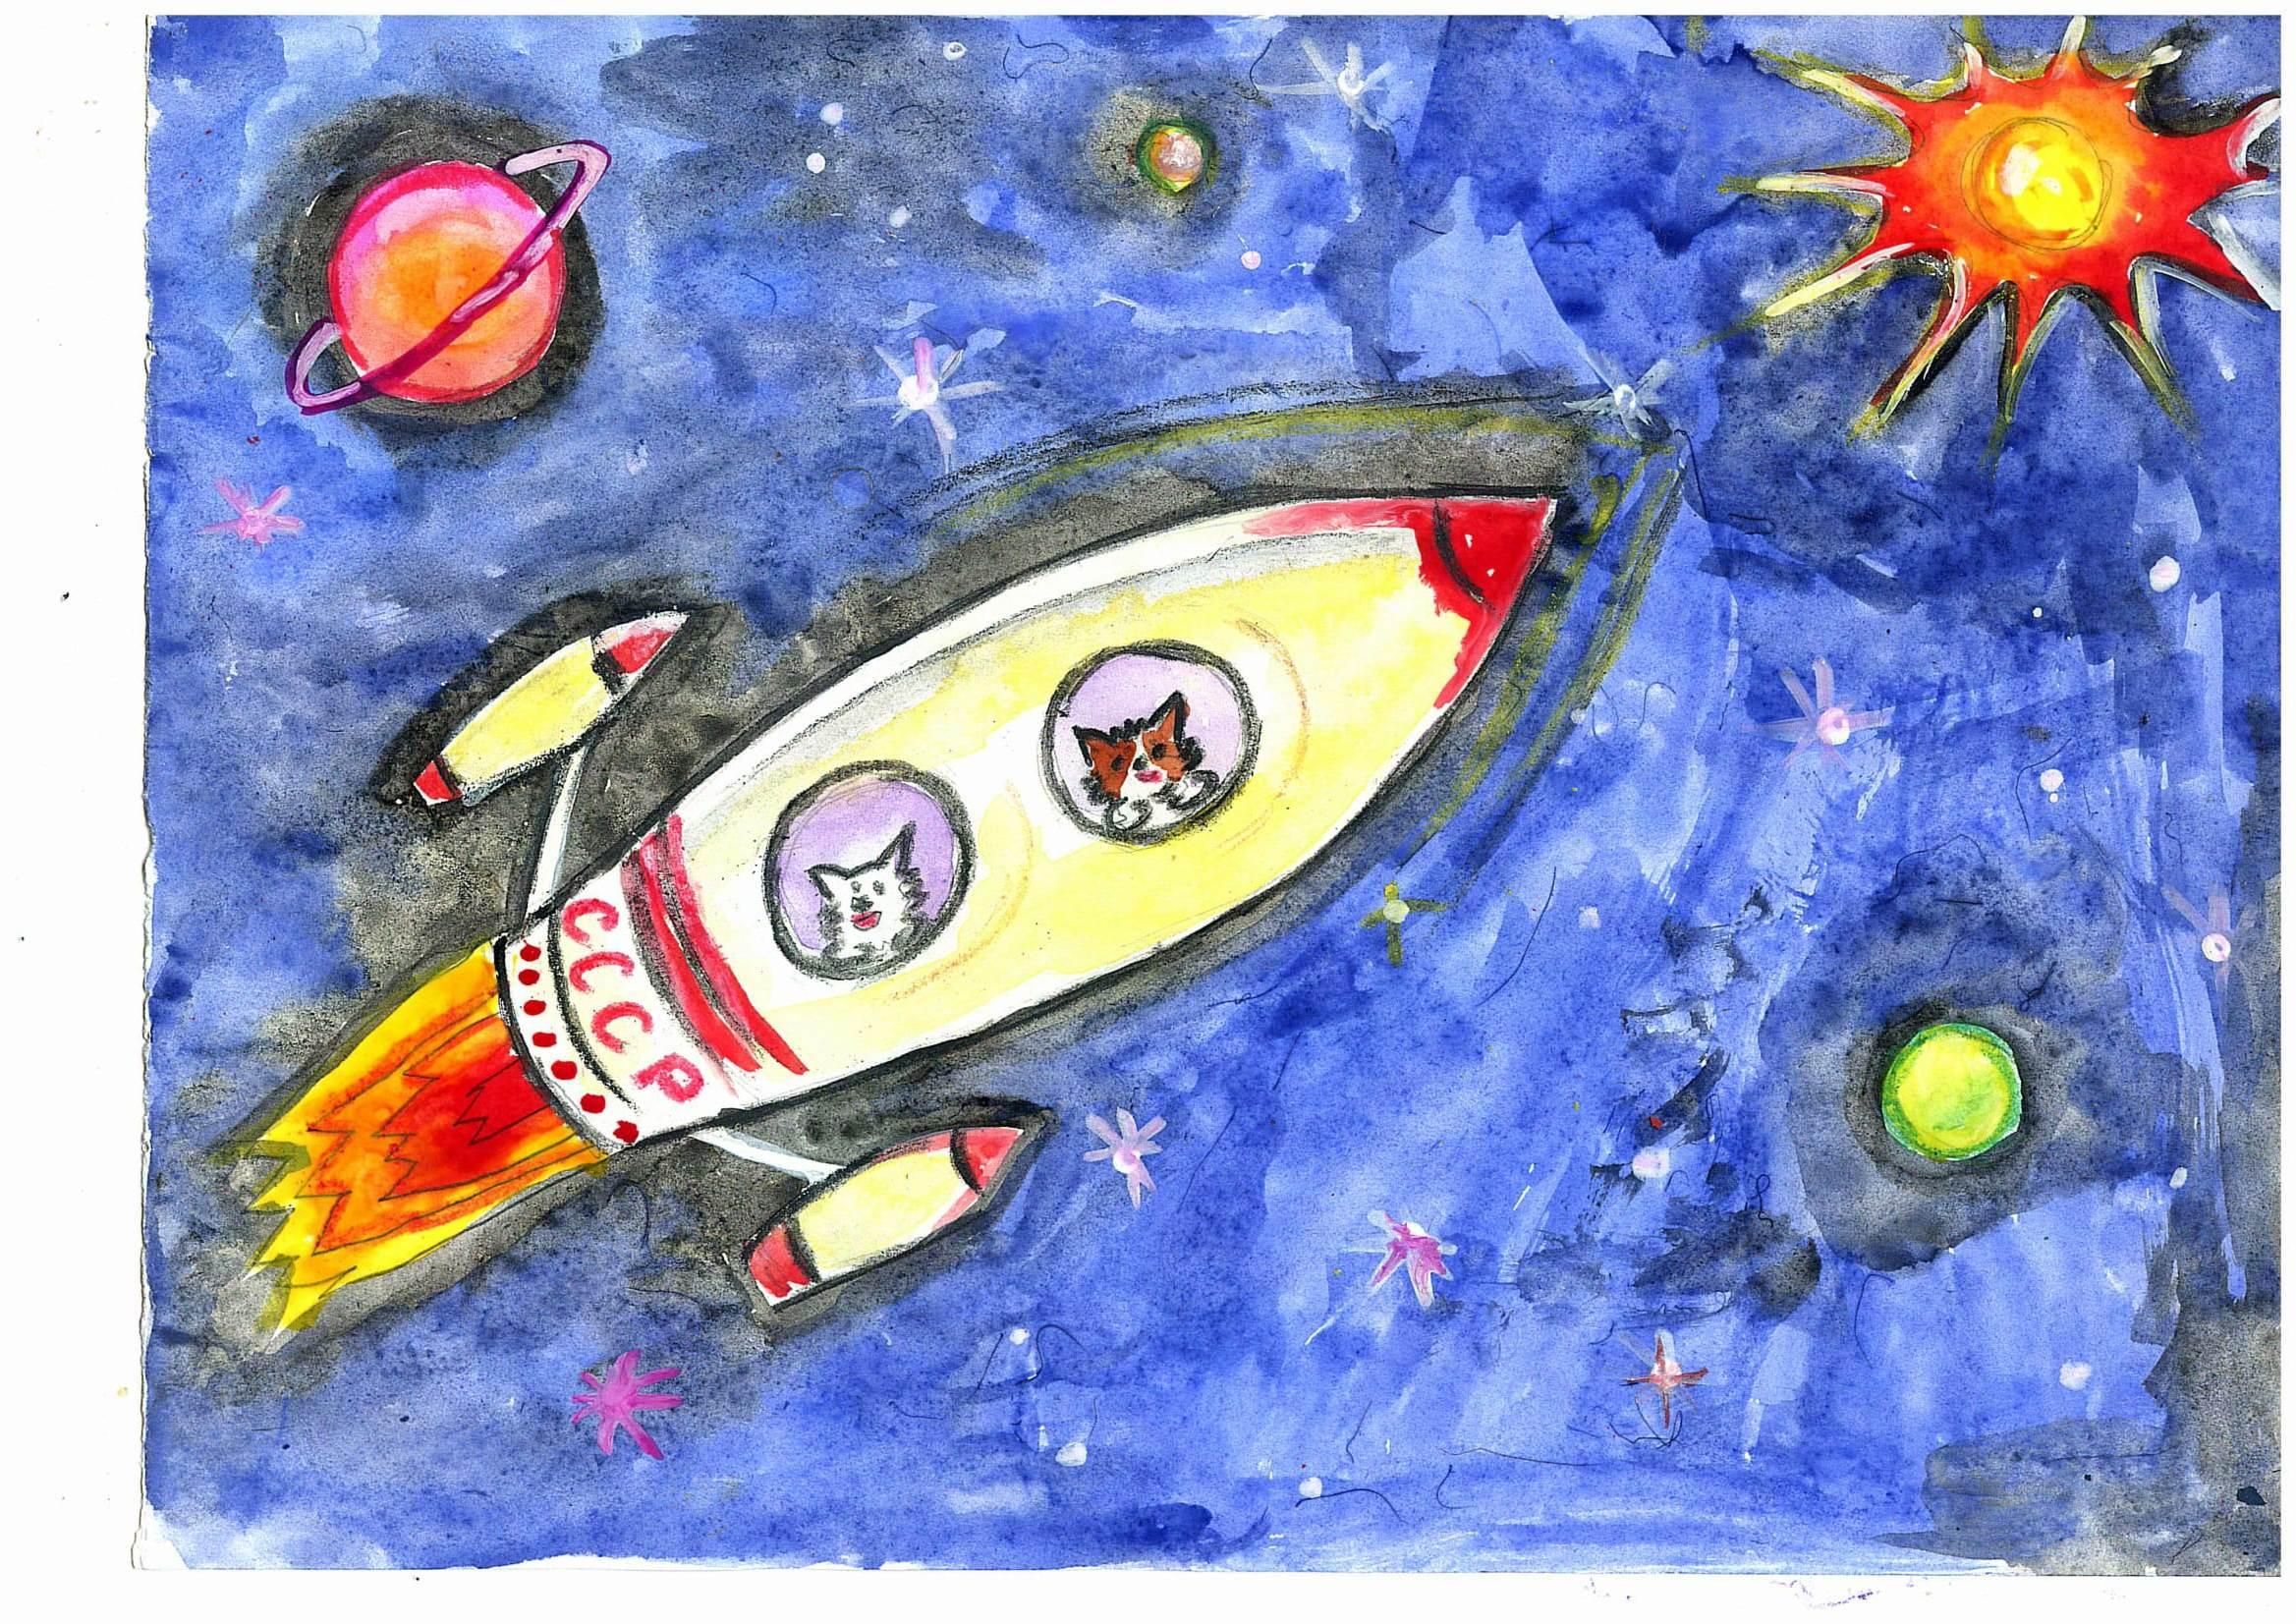 Поделки на тему космос - конкурс к Дню космонавтики 2018 90